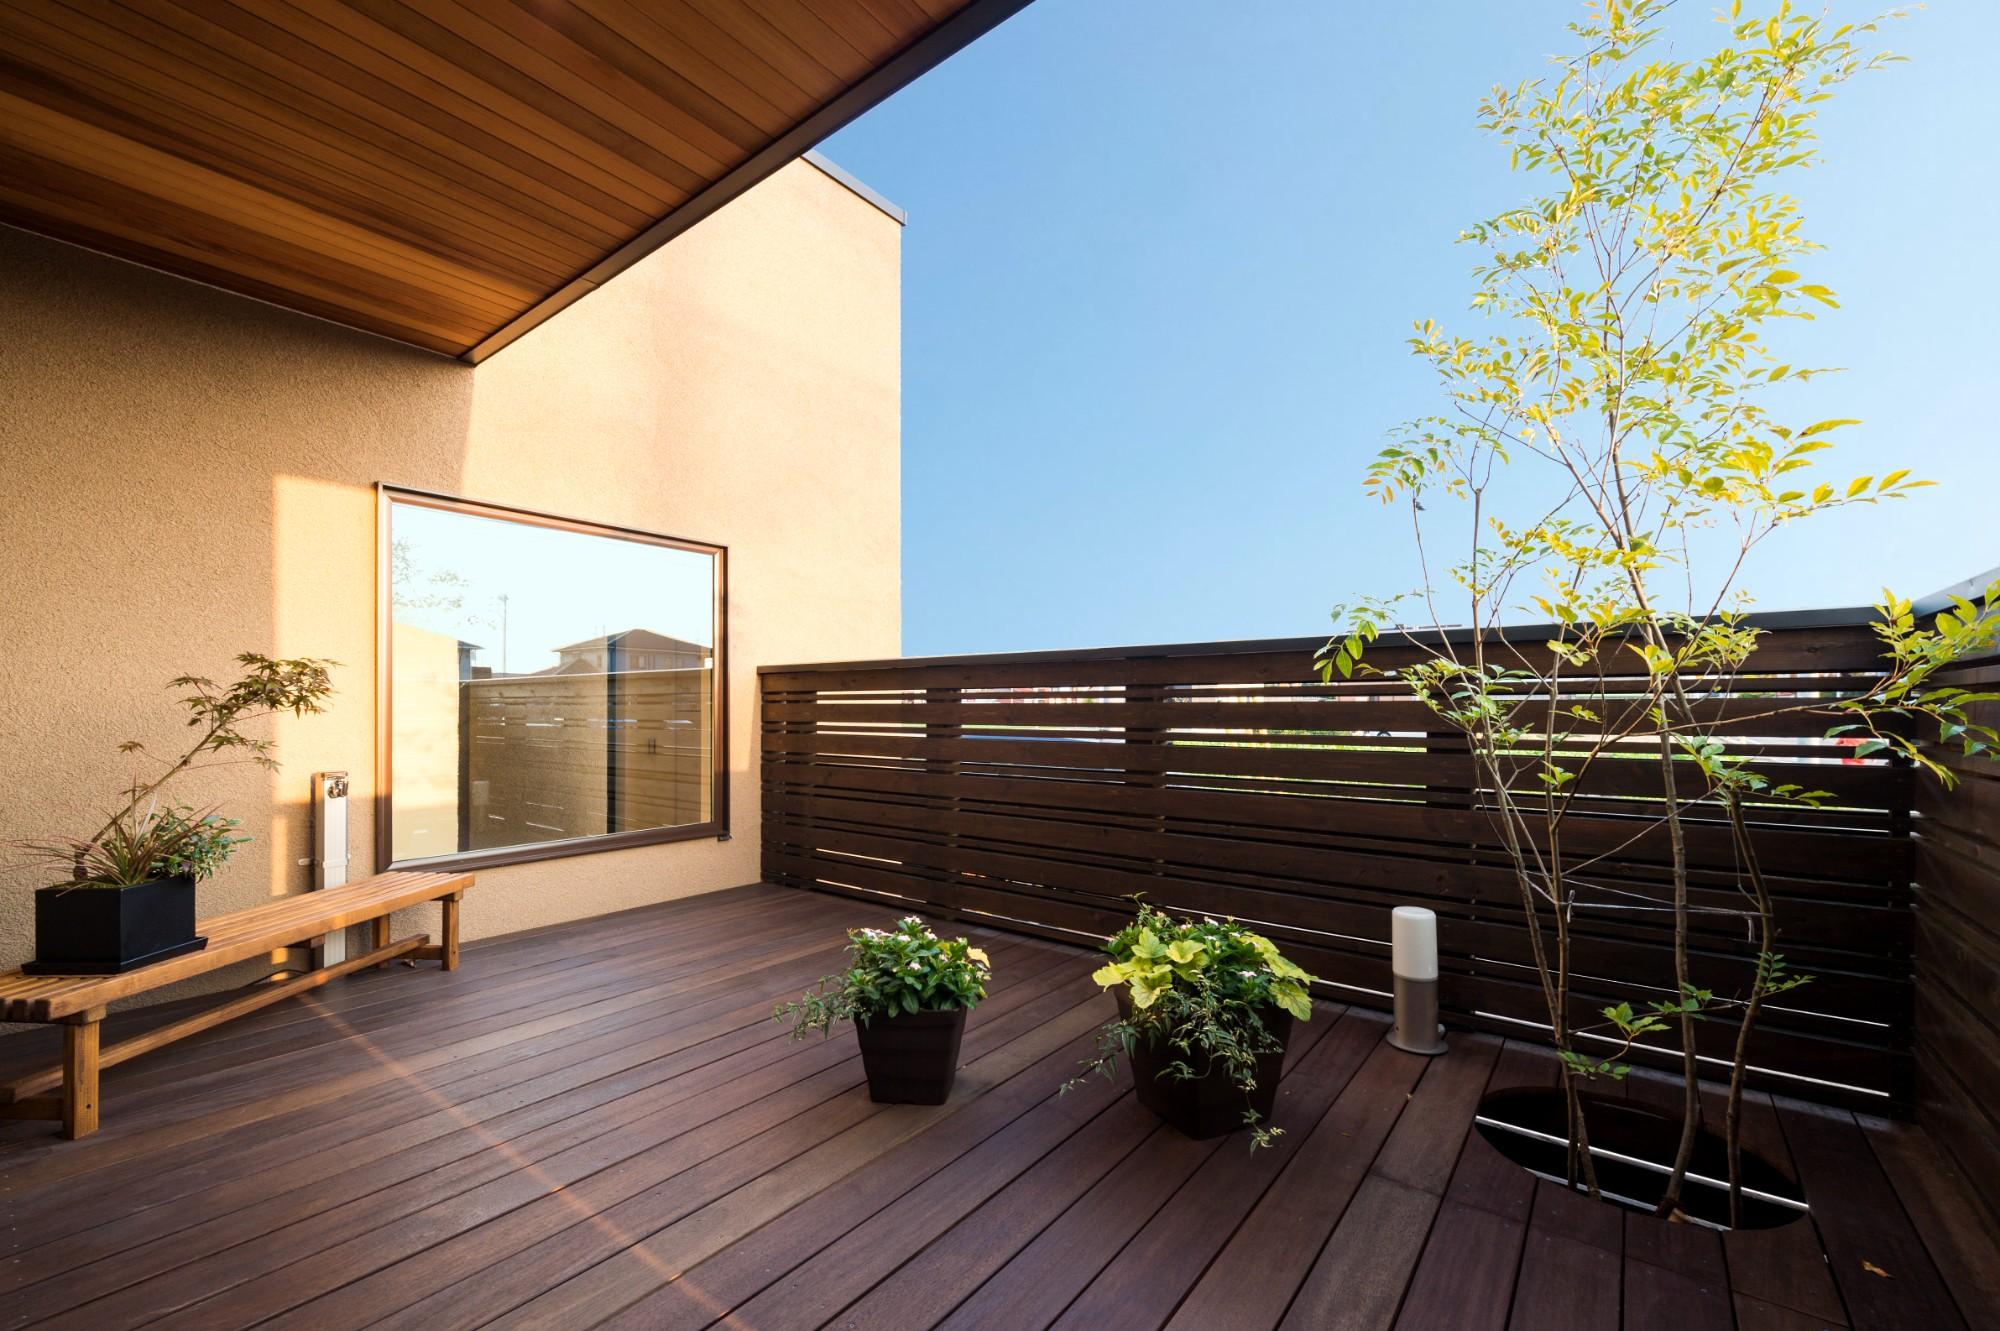 フクダハウジング株式会社「ワンランク上の美しさと機能性の高い家」のシンプル・ナチュラル・モダンな庭・デッキ・縁側の実例写真